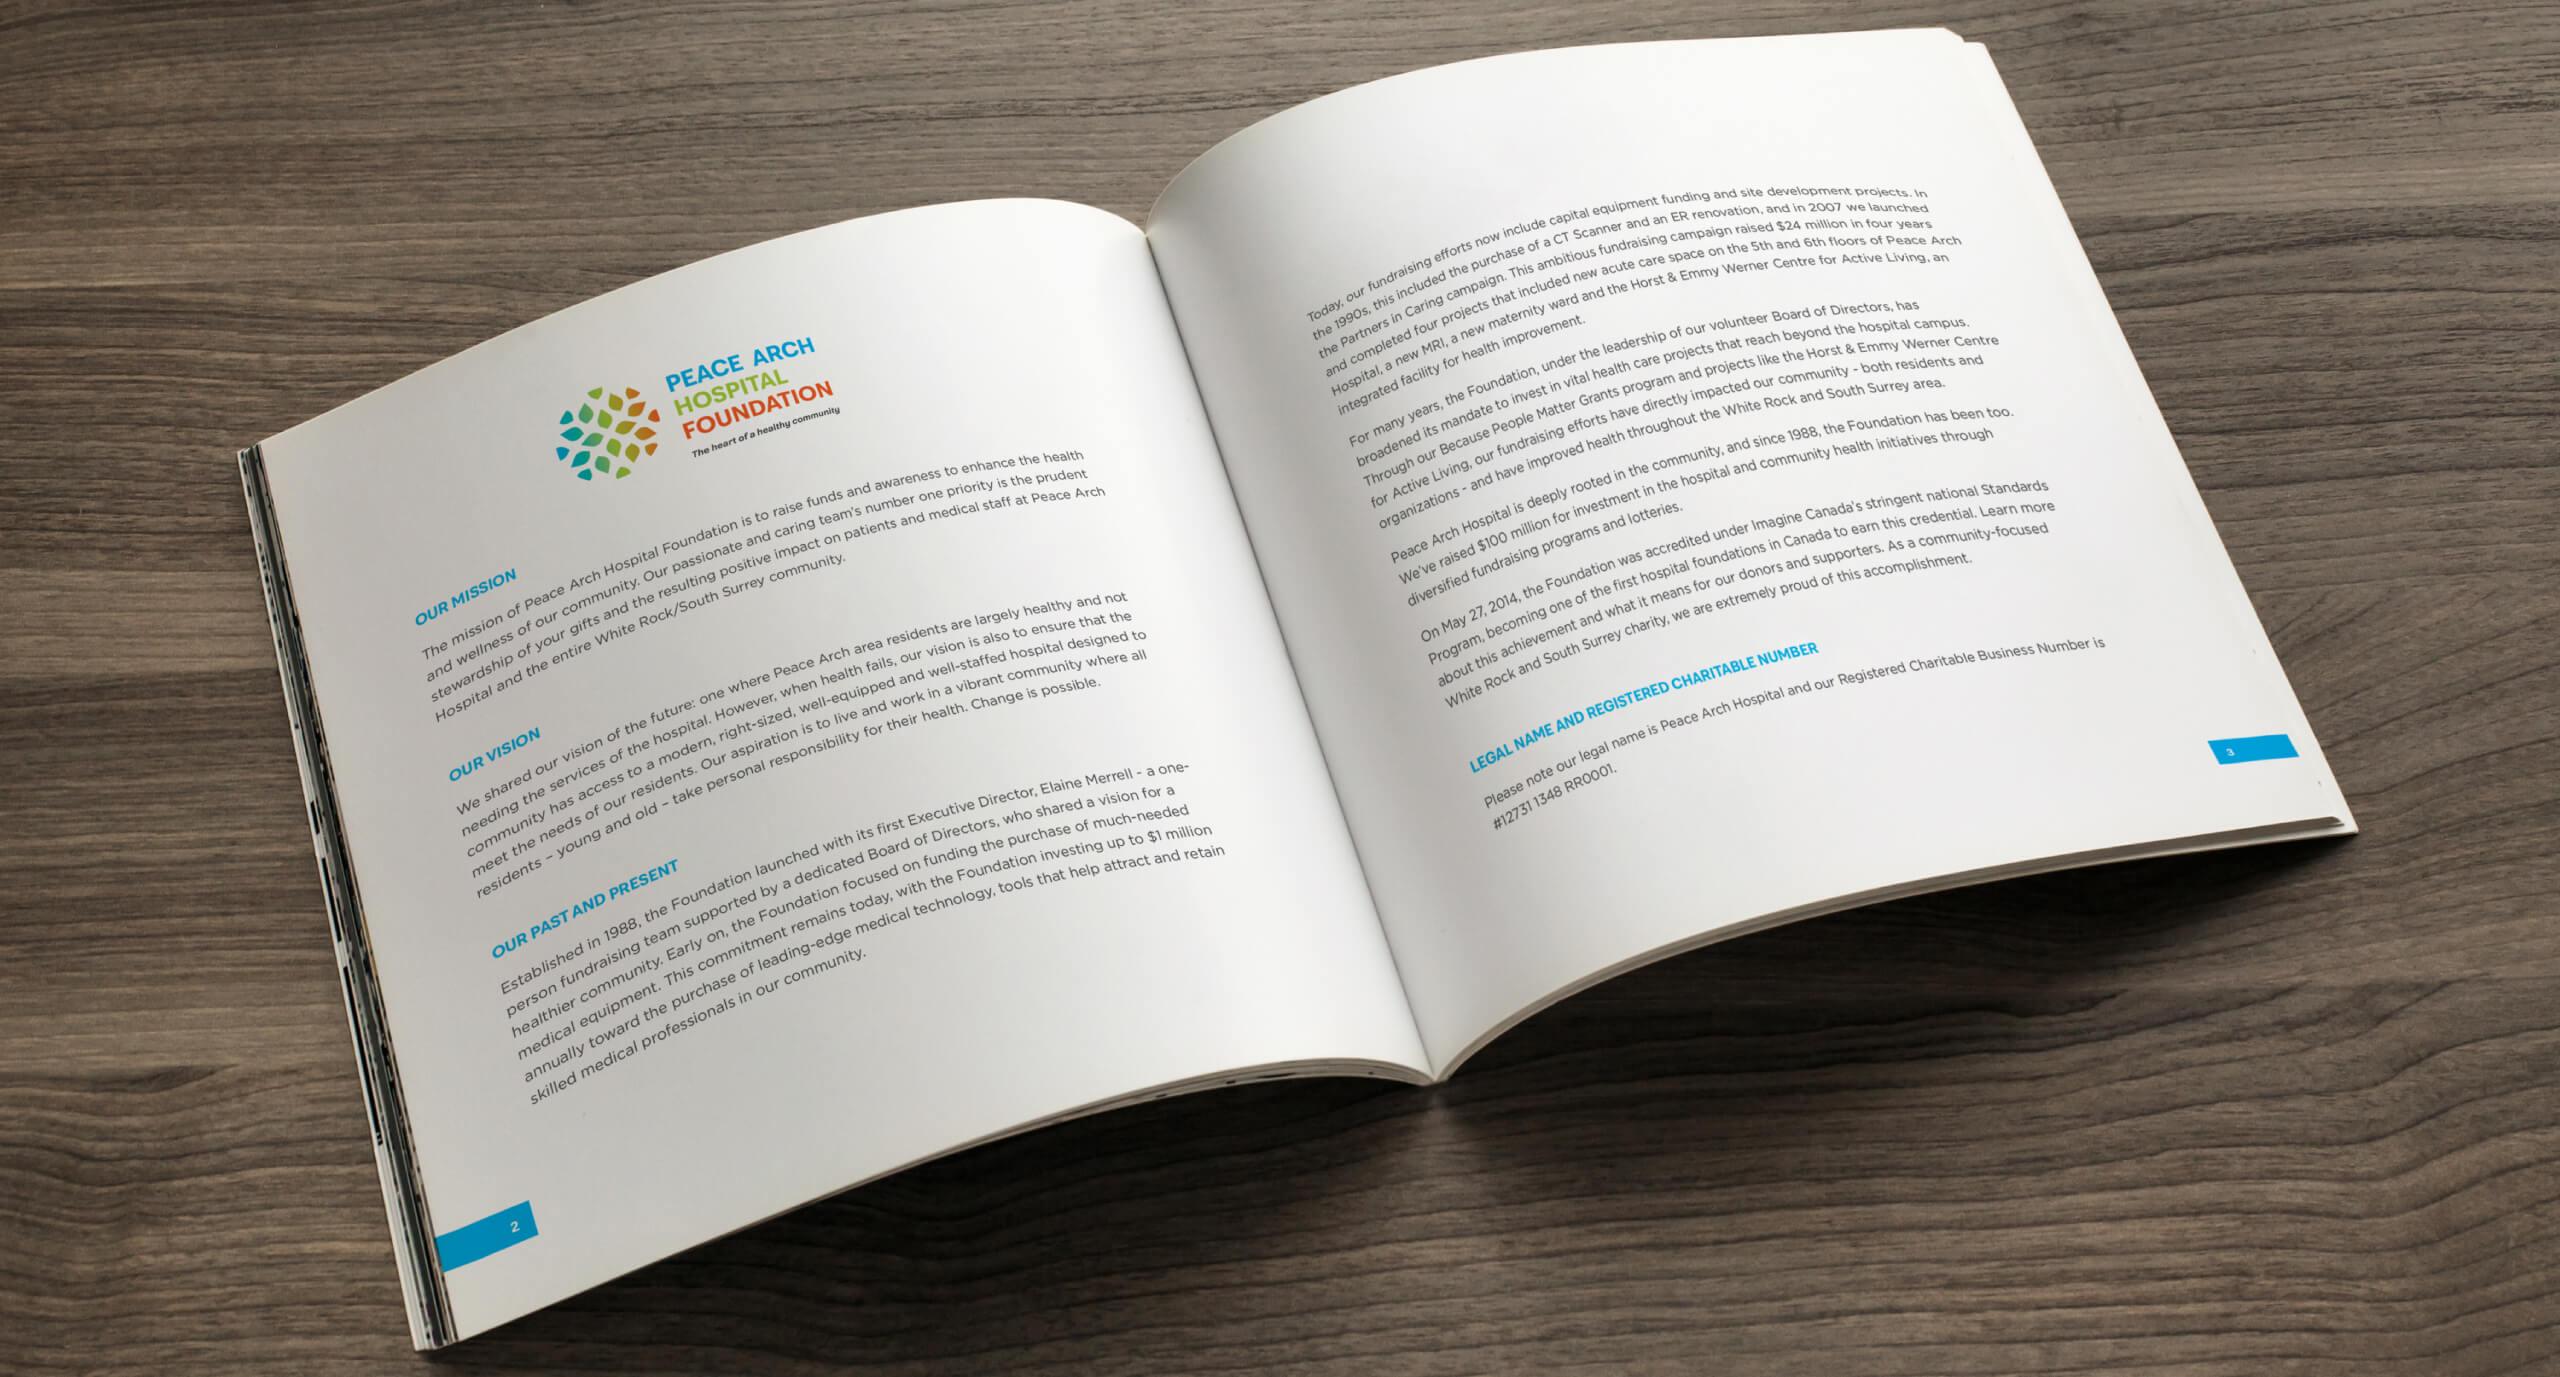 pah-rebrand-brand-guide-1